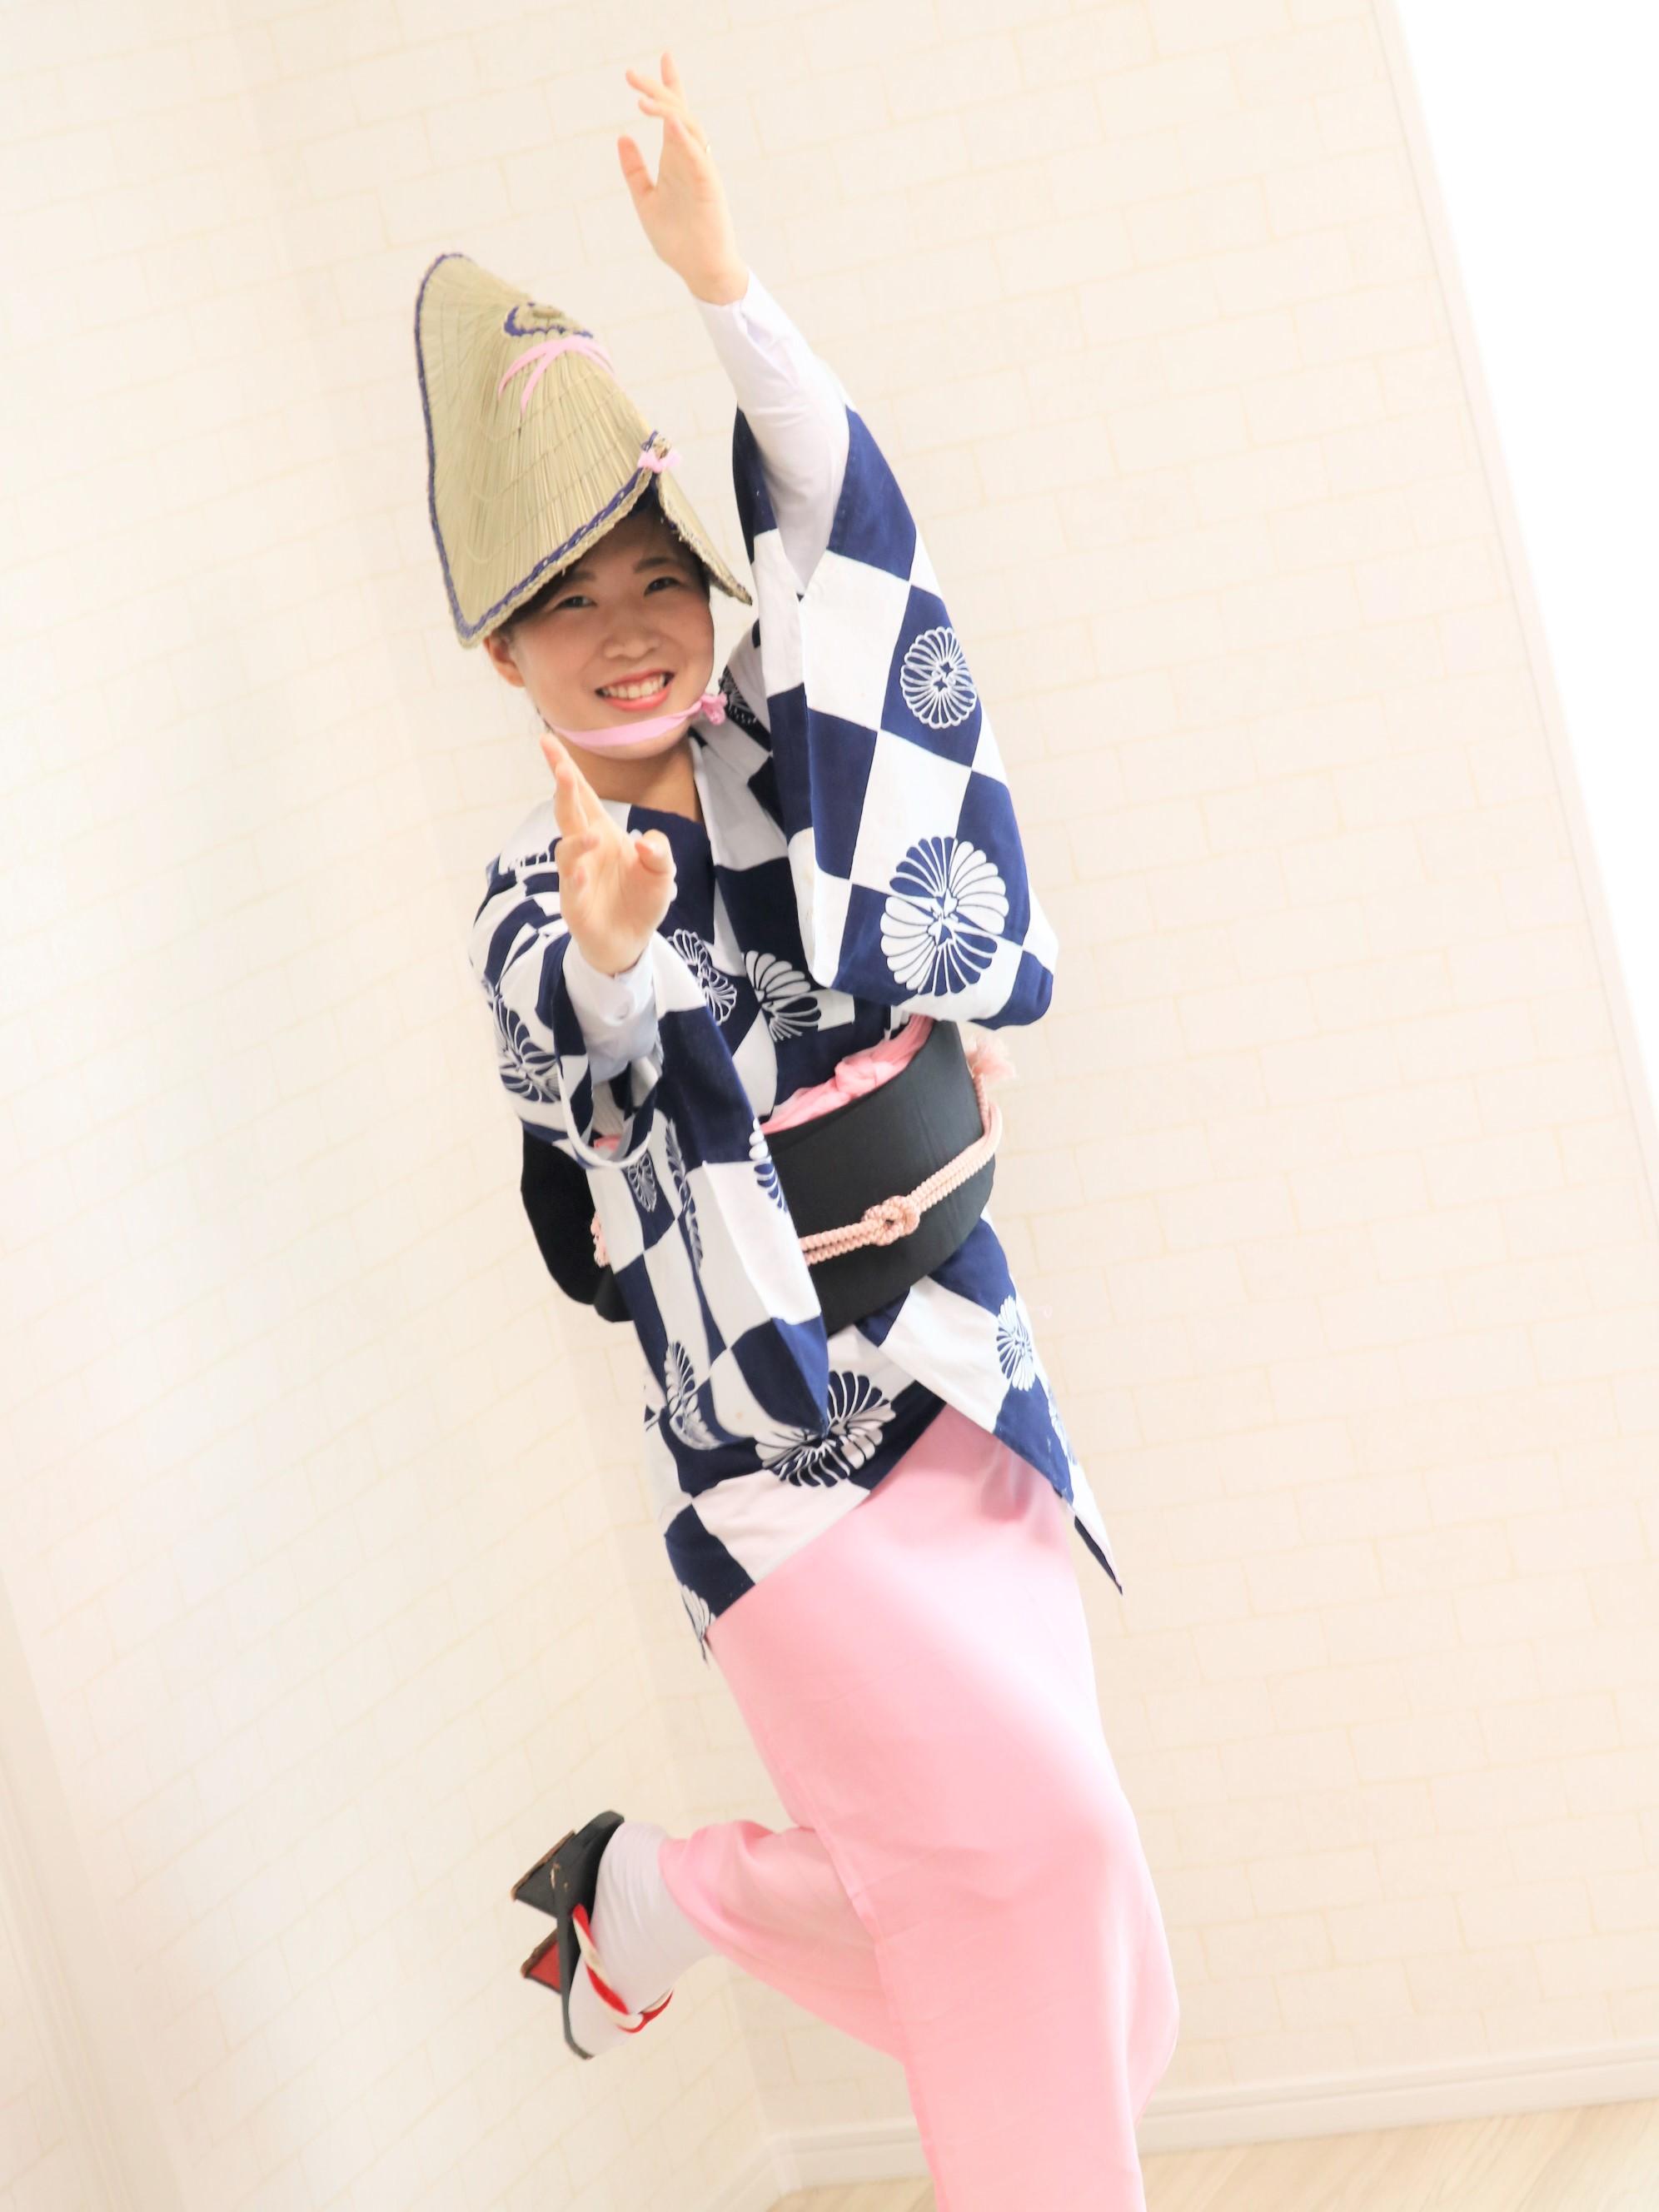 着て踊らにゃそんそん♪徳島阿波おどり衣装着付け体験【リクエスト受付 女性限定】